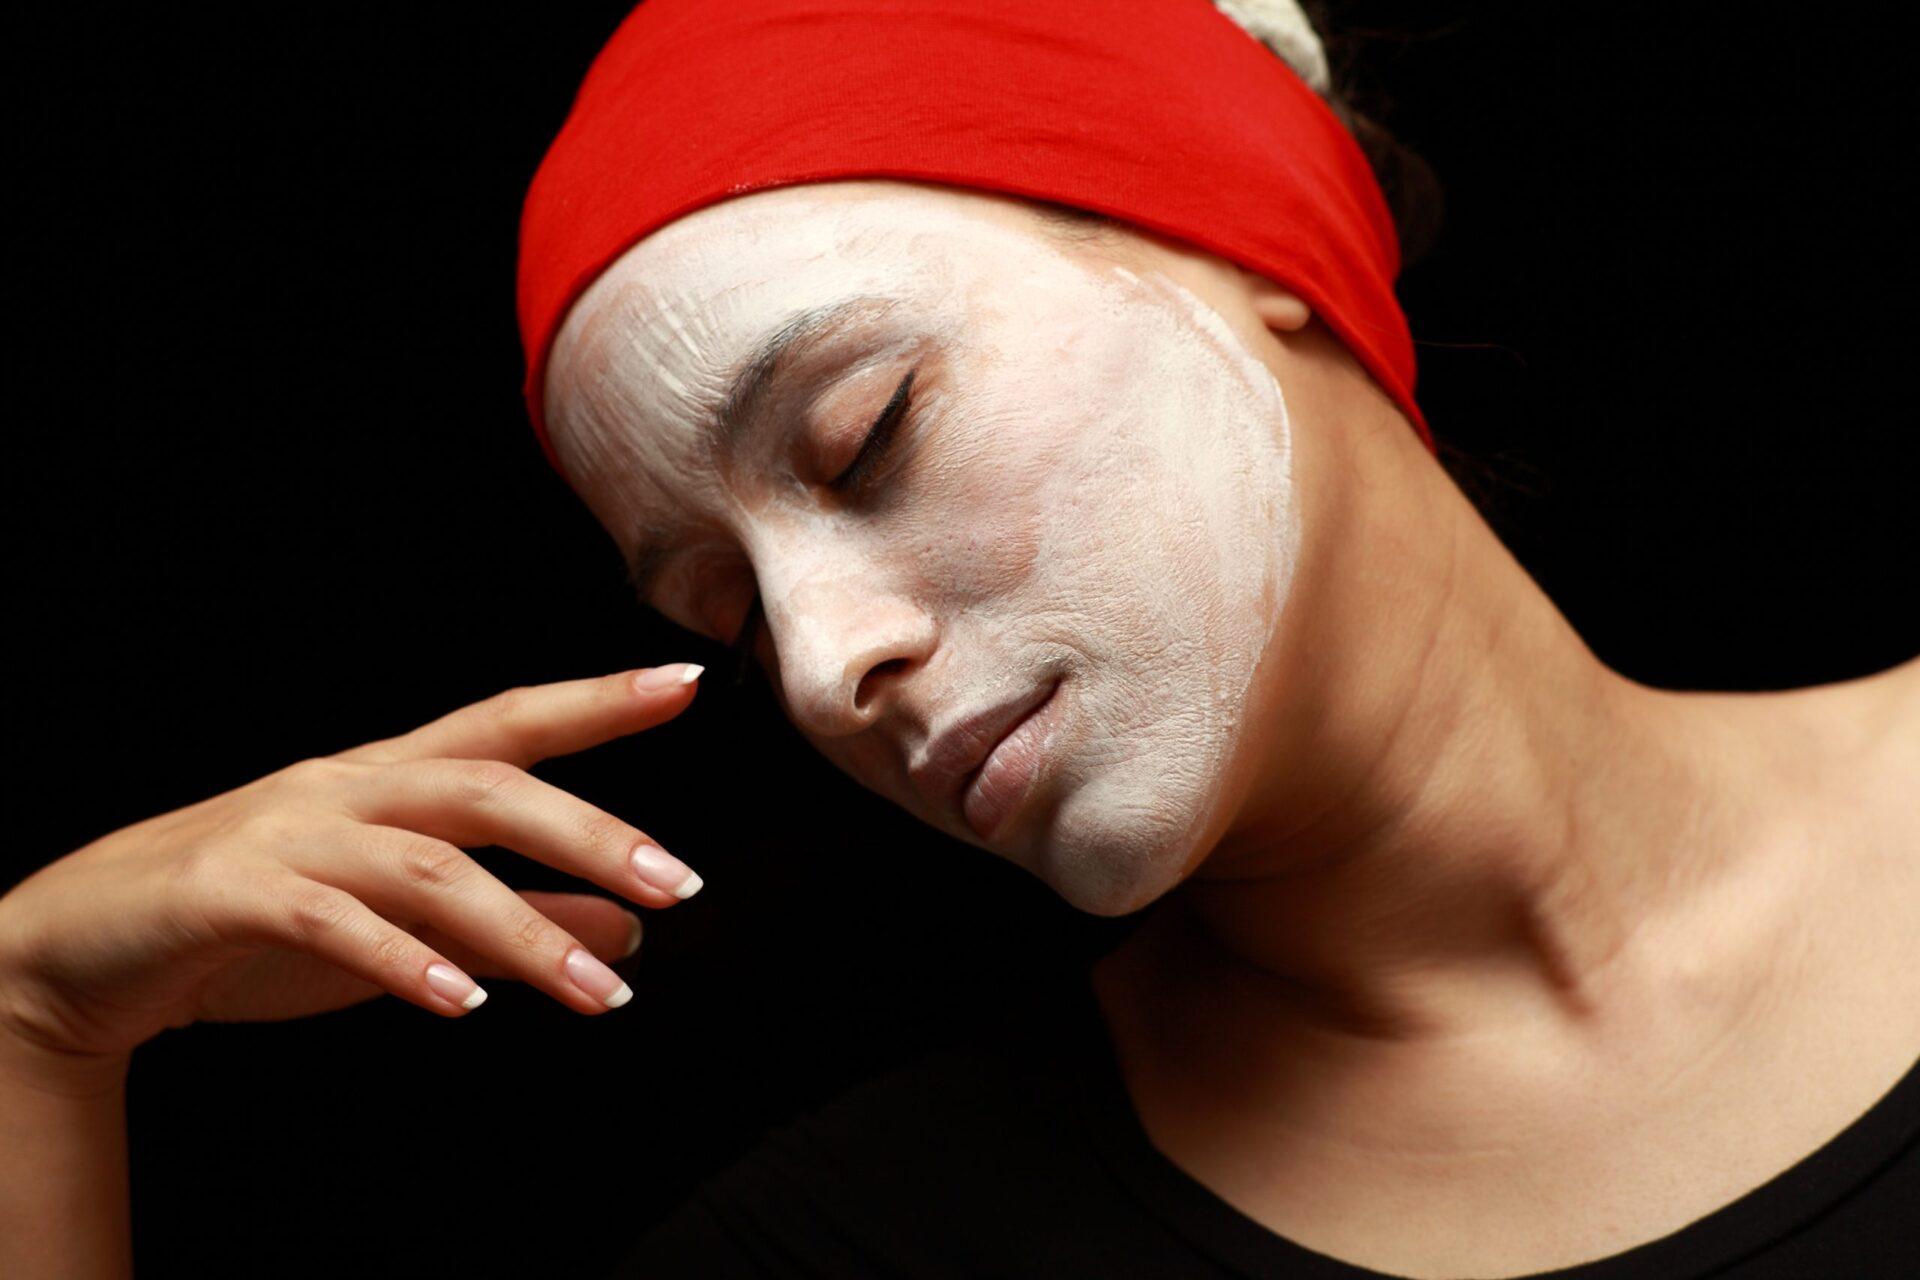 Какие домашние маски для лица от прыщей и черных точек самые эффективные?